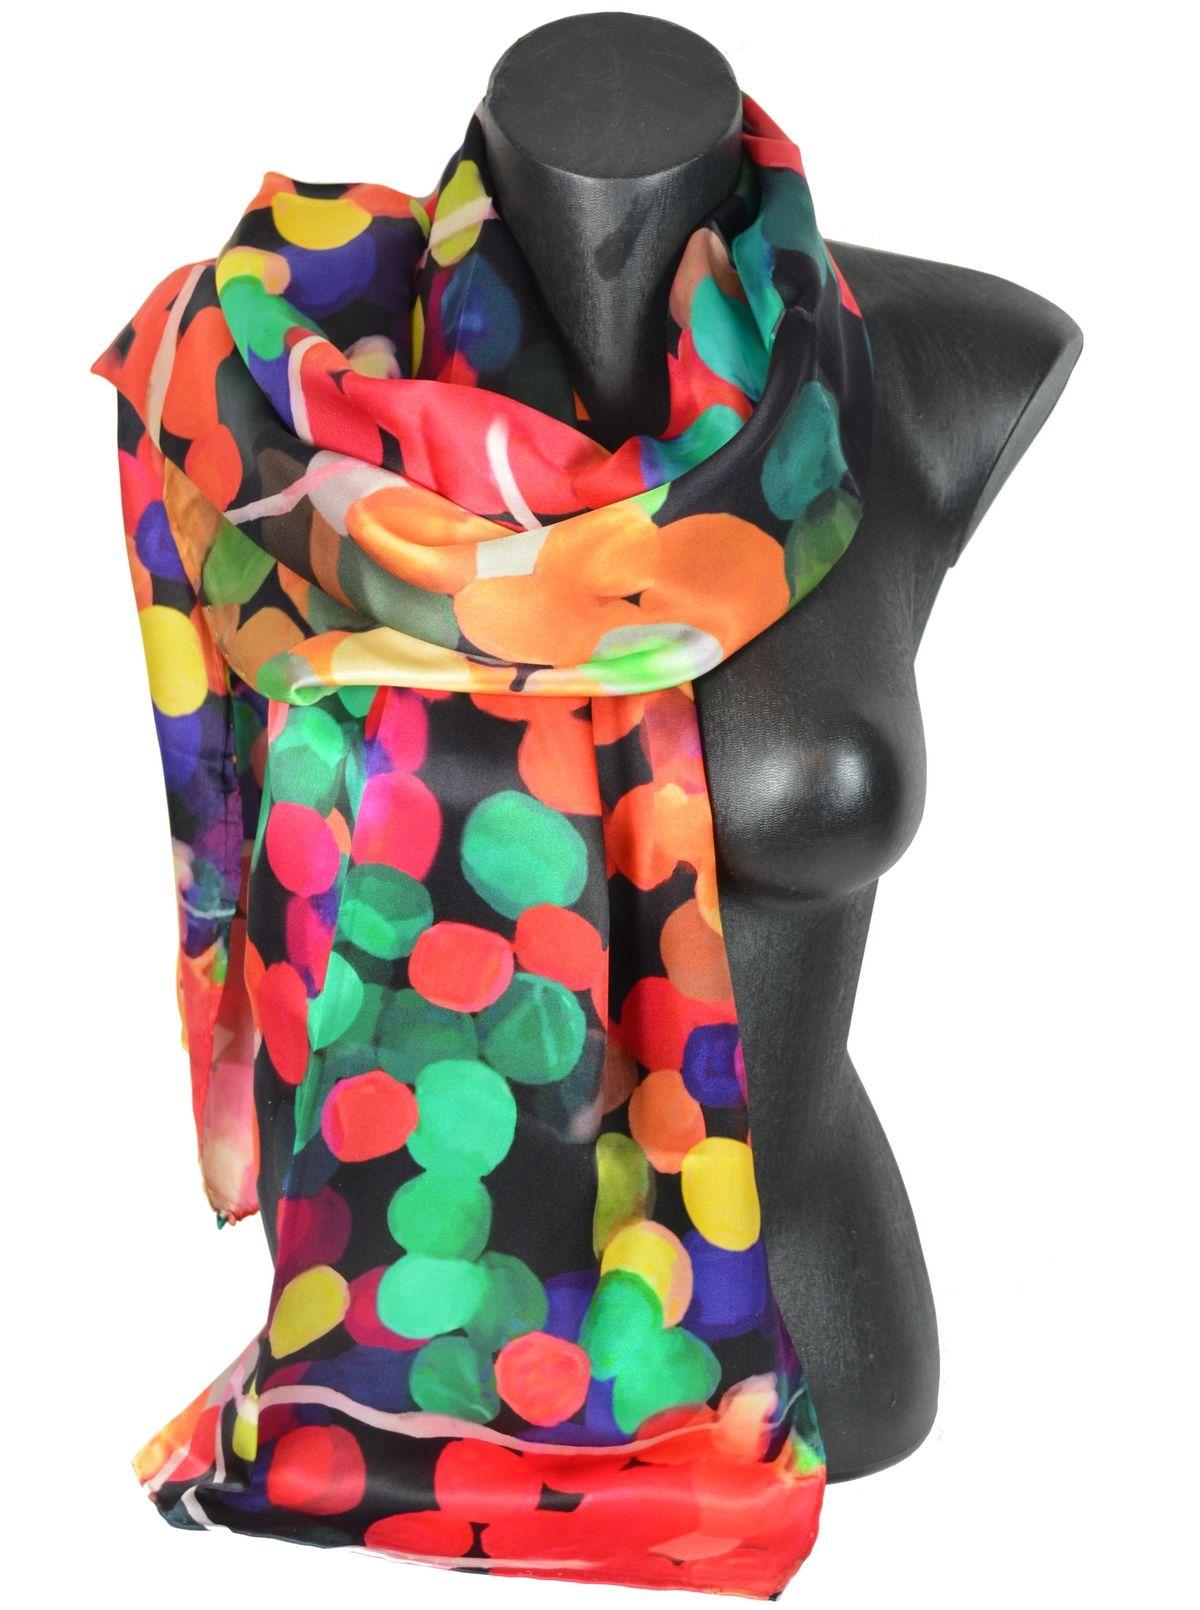 fa92f5c59dc0 Echarpe en soie gros pois multicolores www.echarpe-et-foulard.fr ...